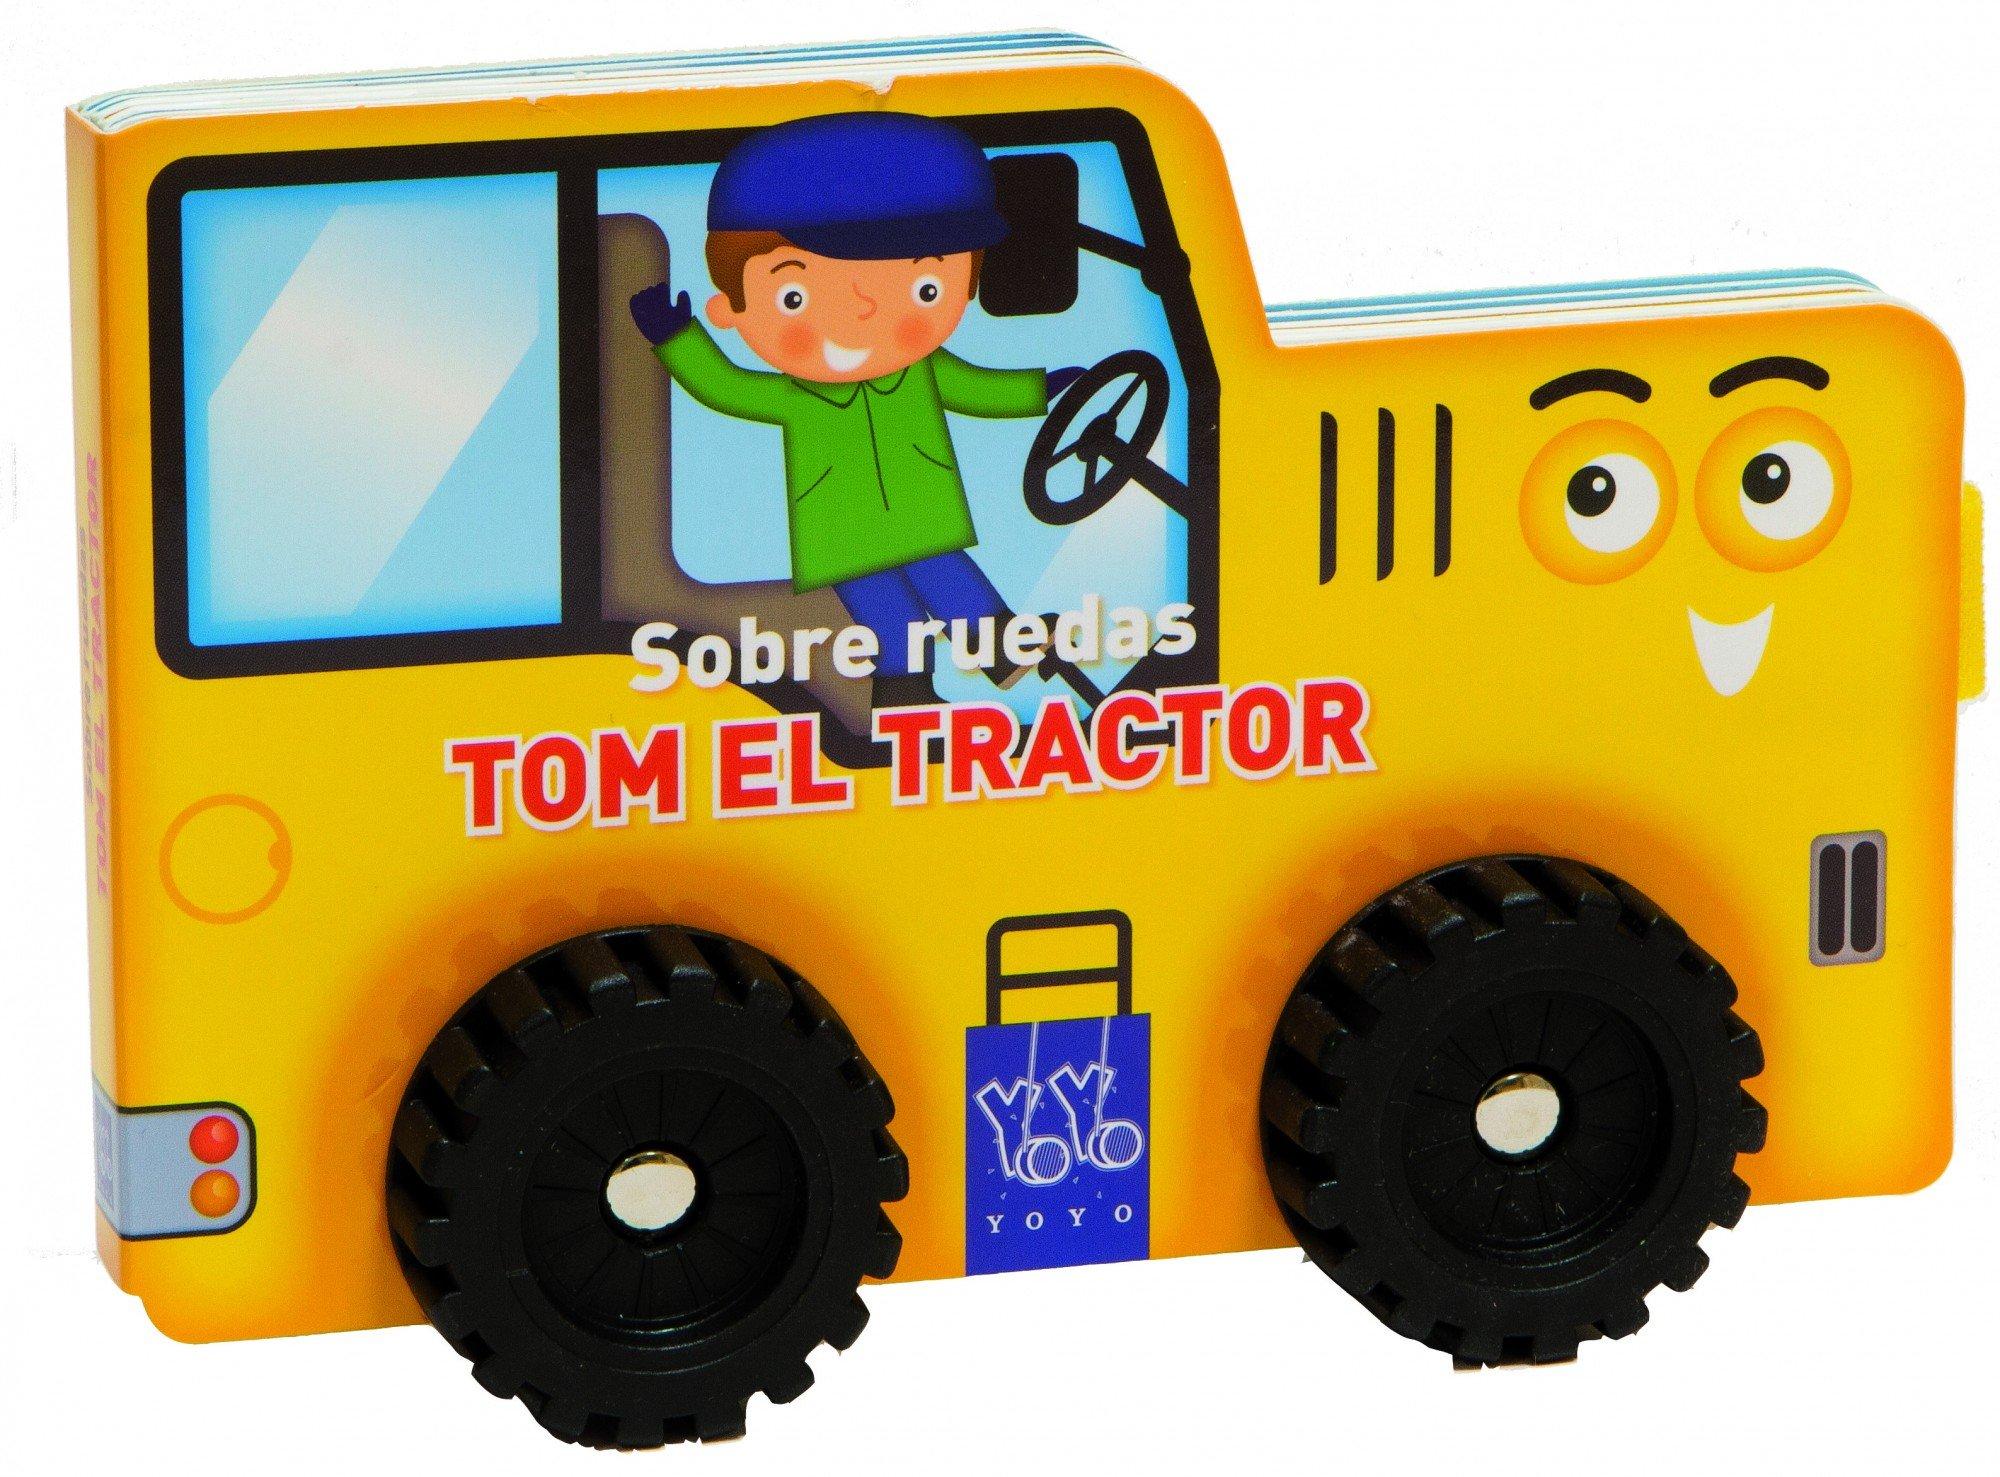 Tom el tractor: Libros con ruedas para leer y jugar Sobre Ruedas: Amazon.es: YOYO, Gemma Roda: Libros